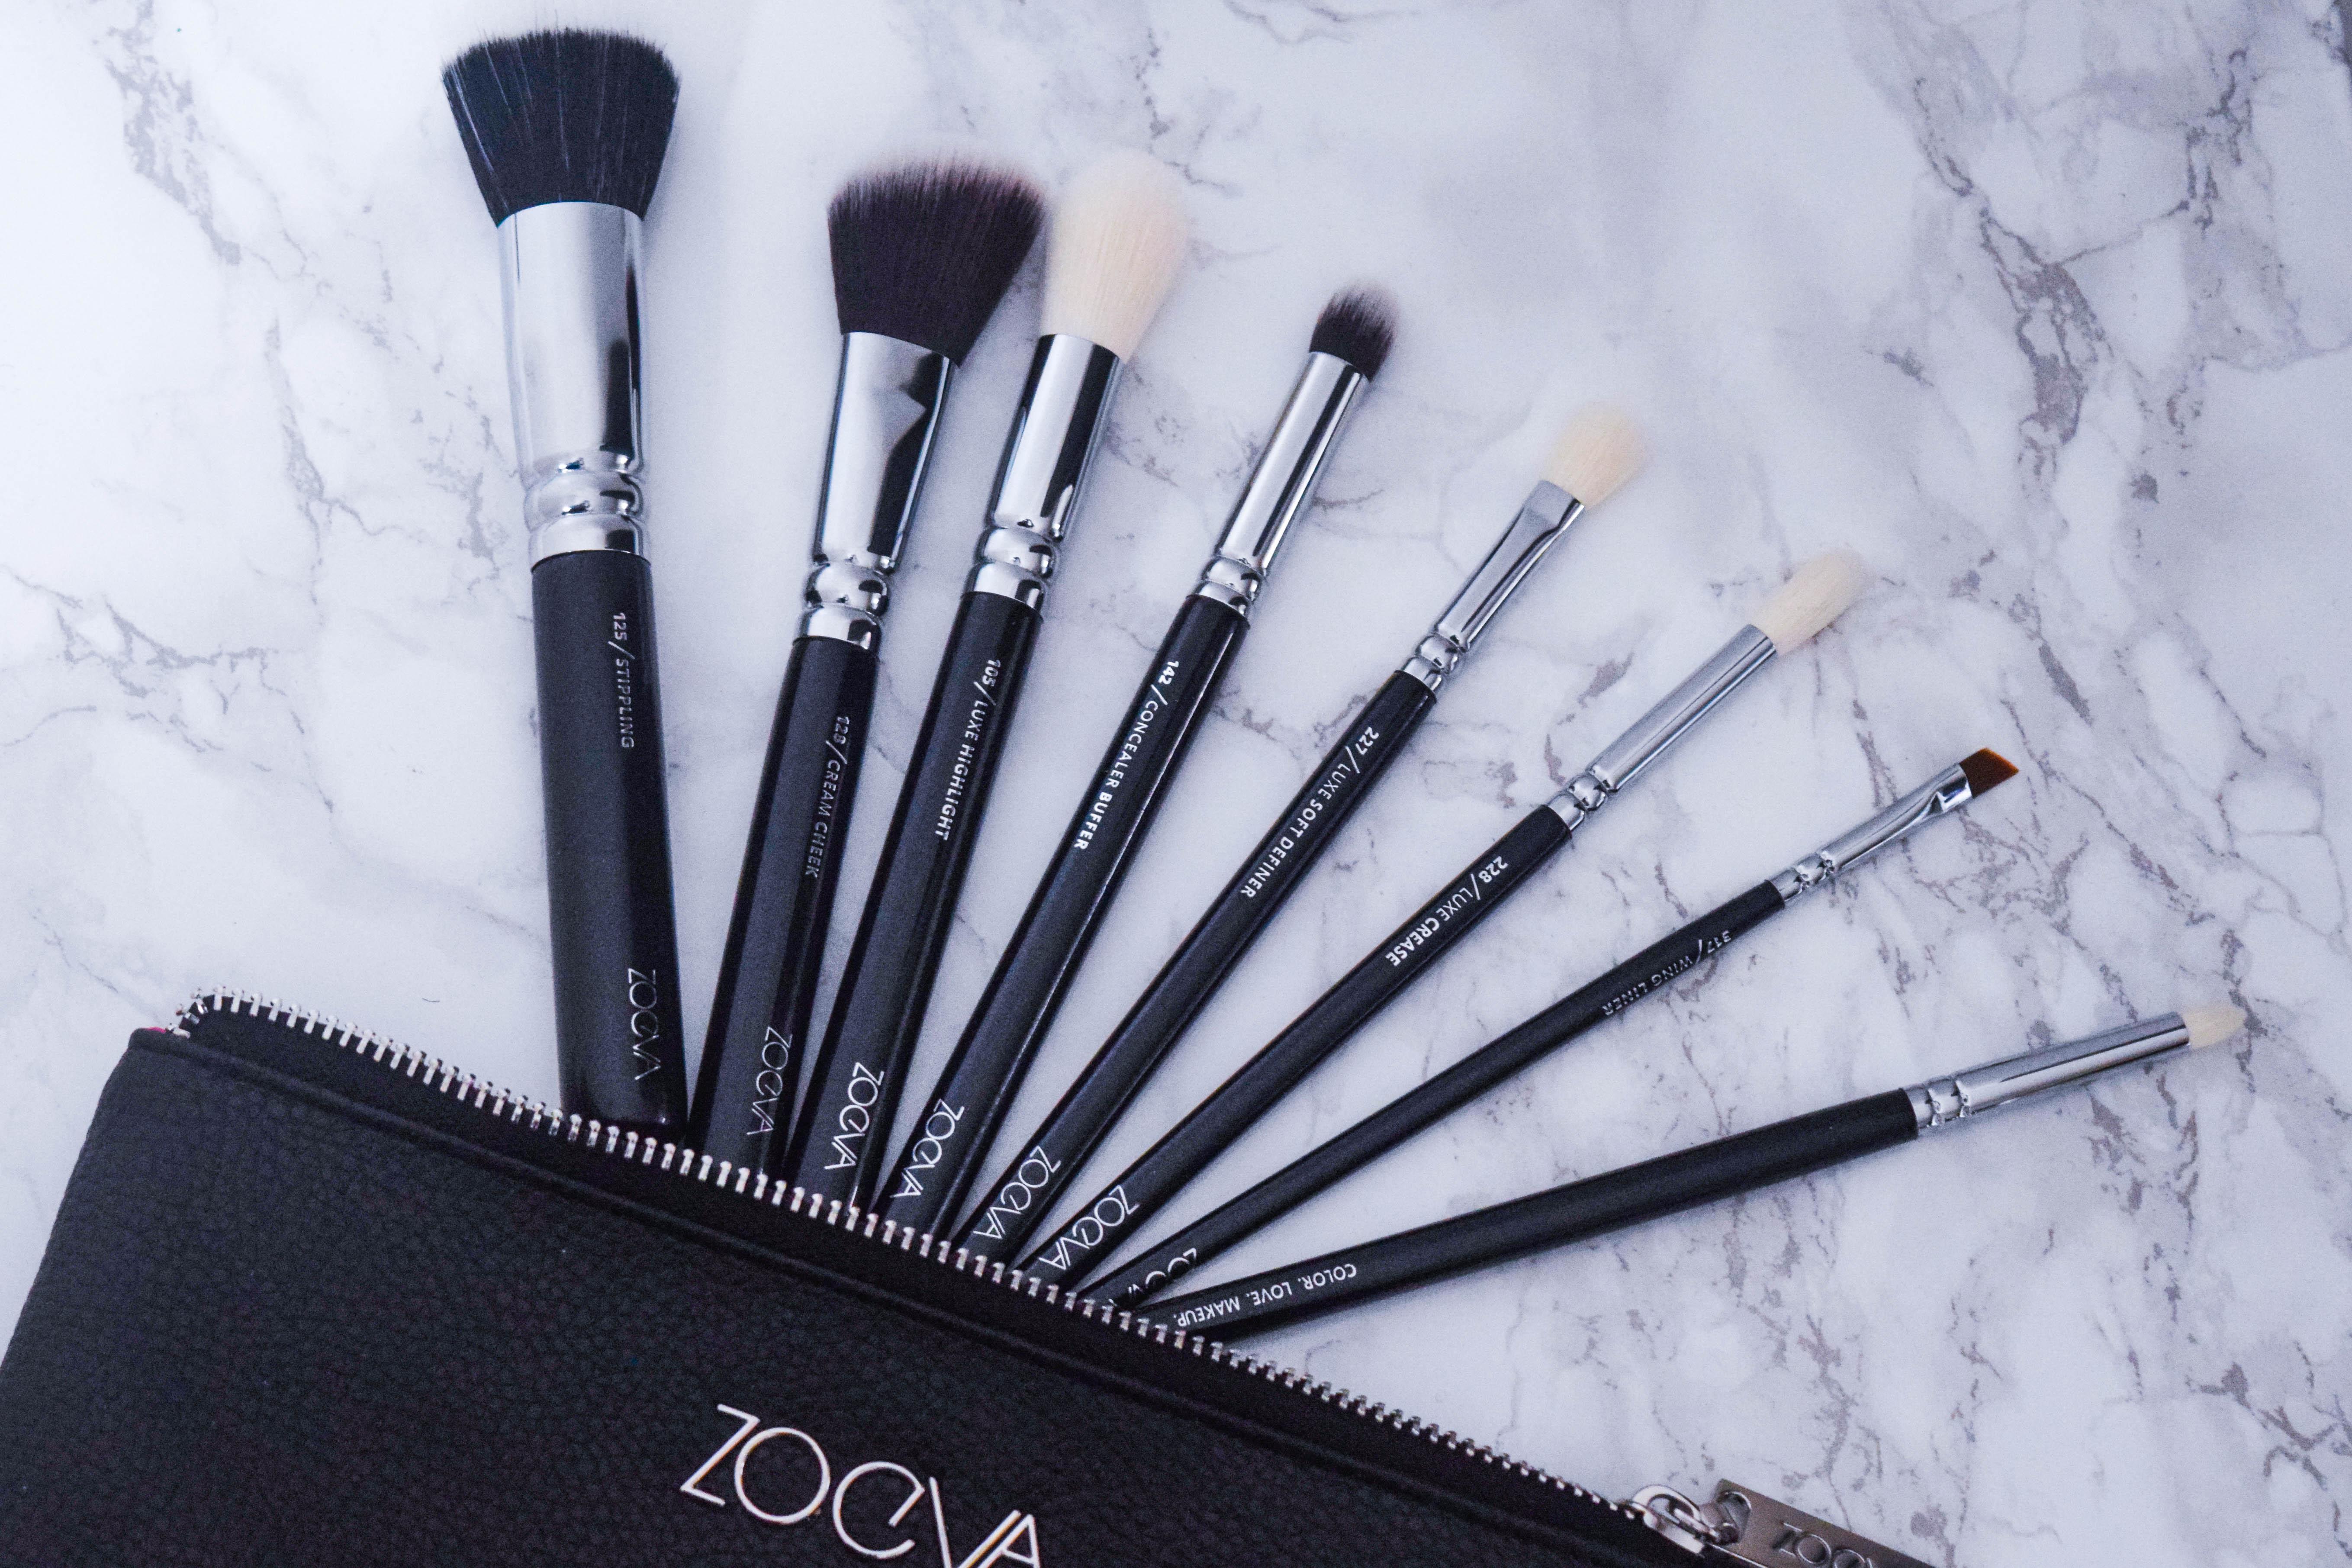 Zoeva Classic Brush